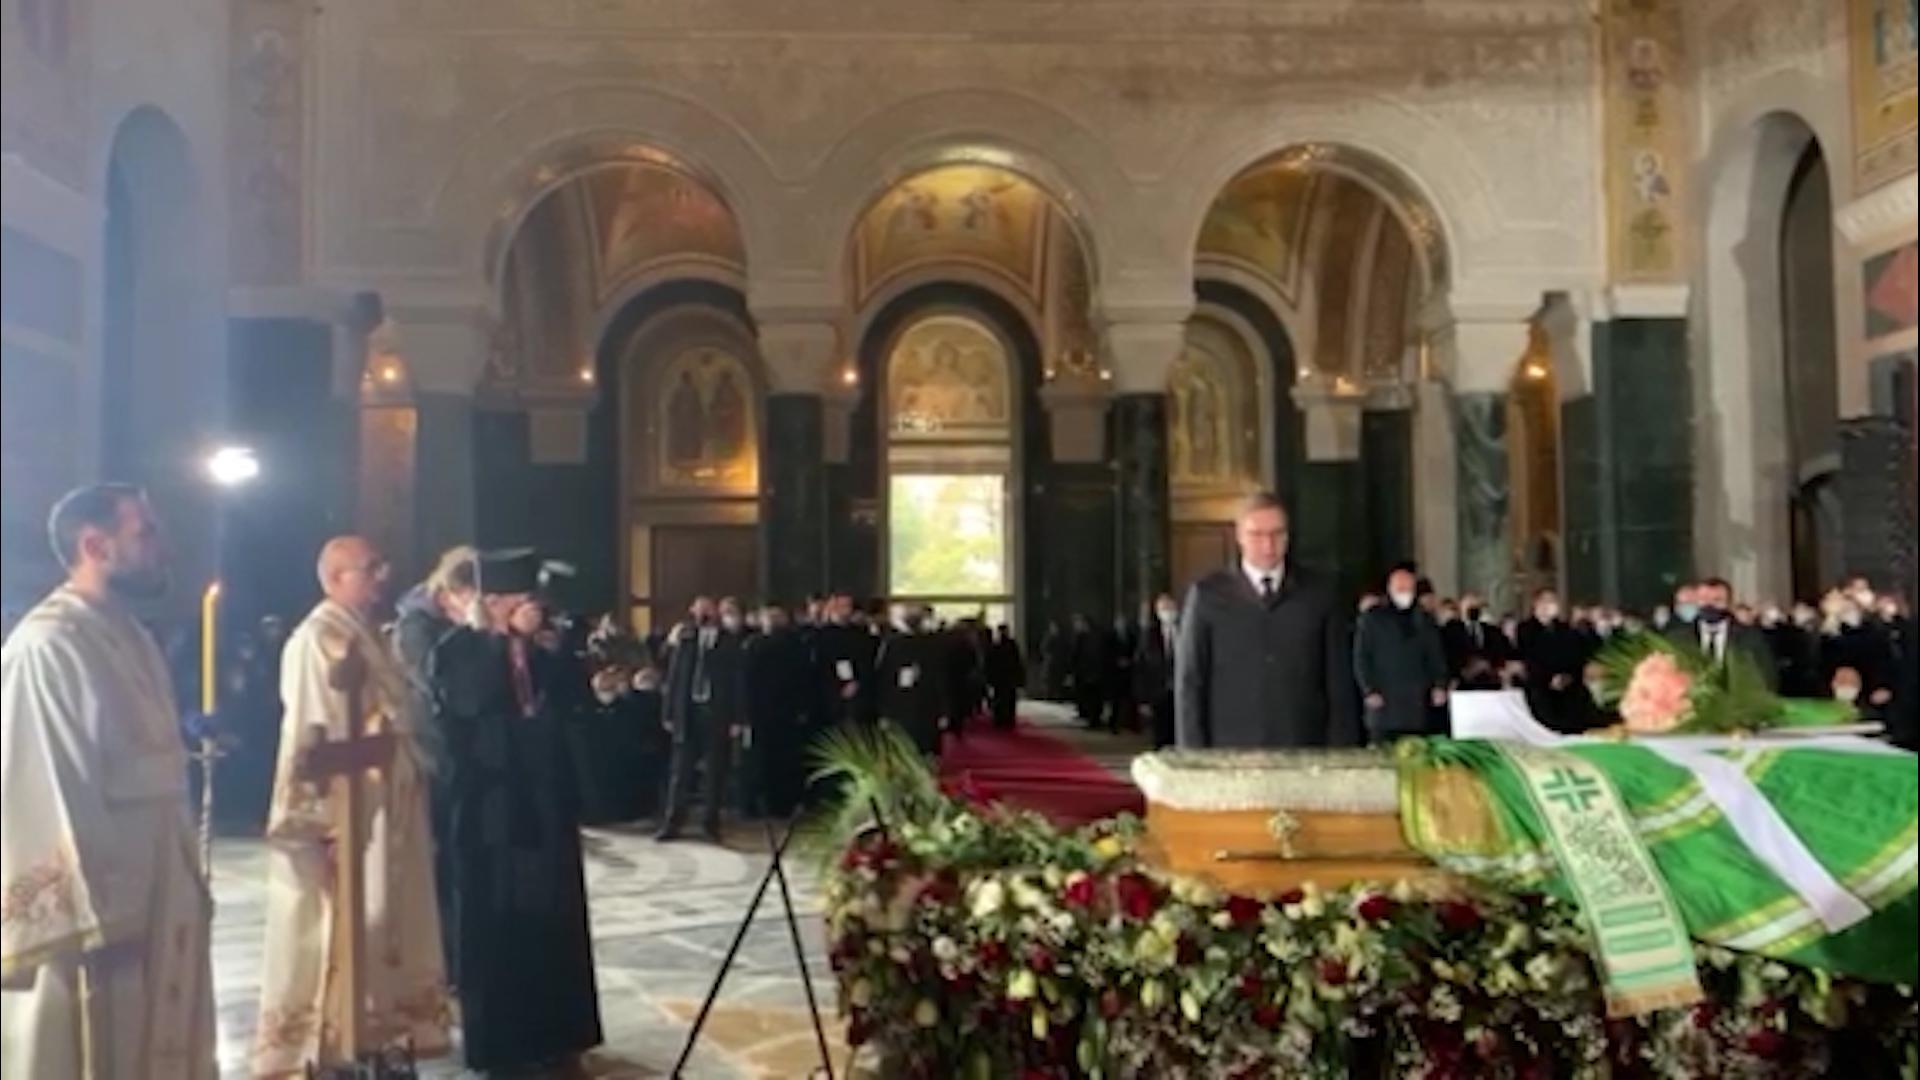 Dolazak Aleksandra Vučića i Milorada Dodika na sahranu patrijarha